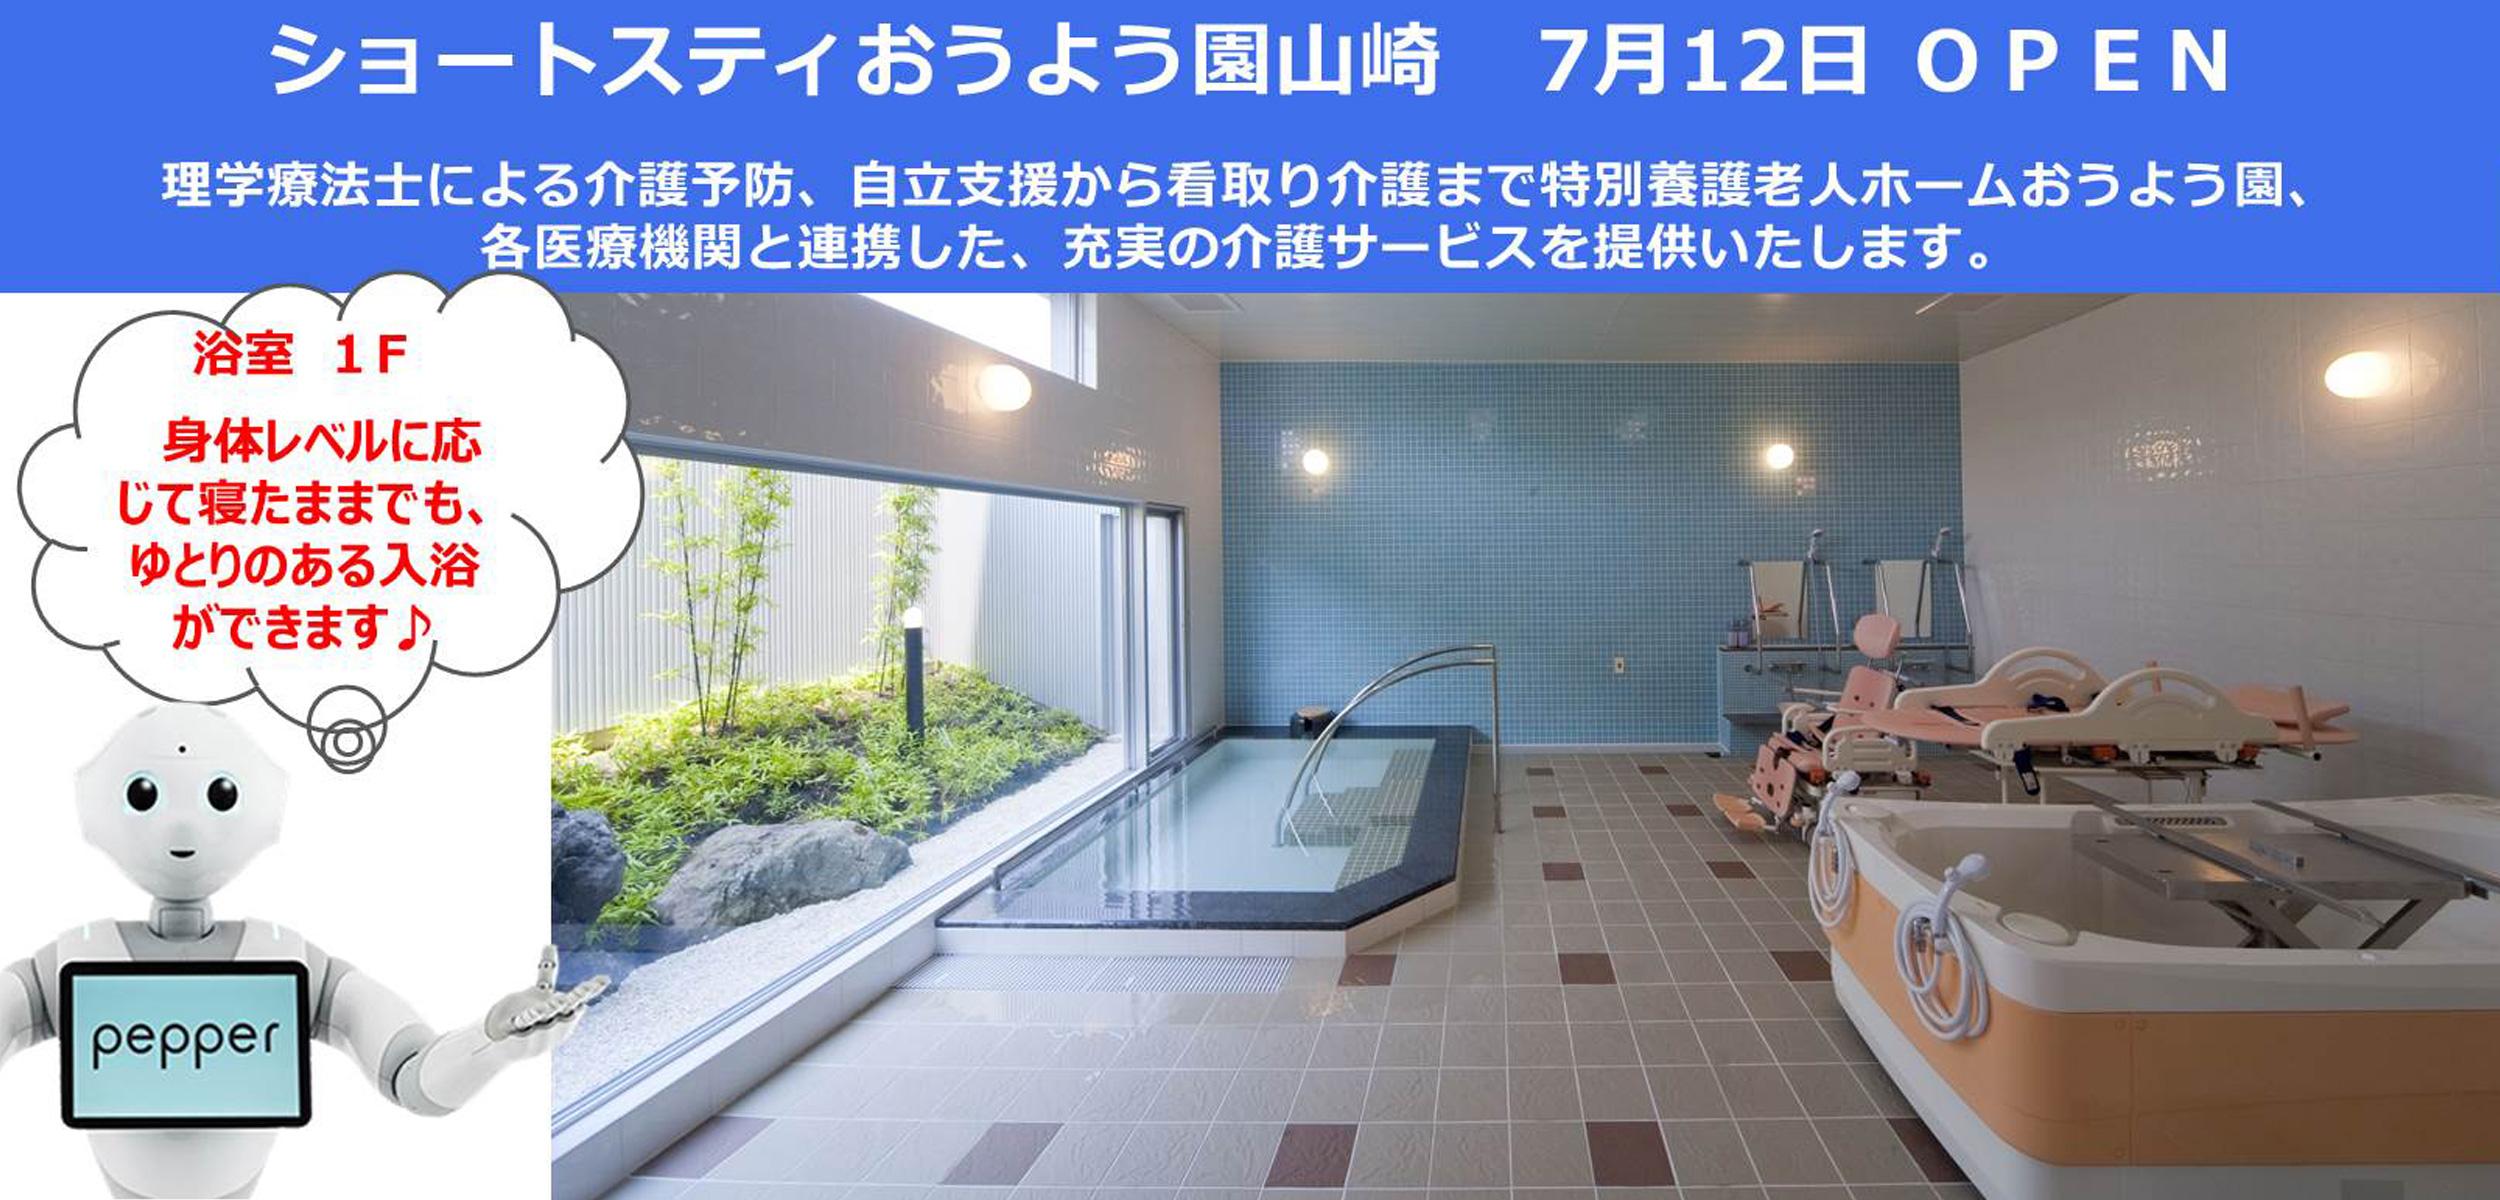 ショートスティおうよう園山崎、寝たままでもゆとりのある入浴ができます